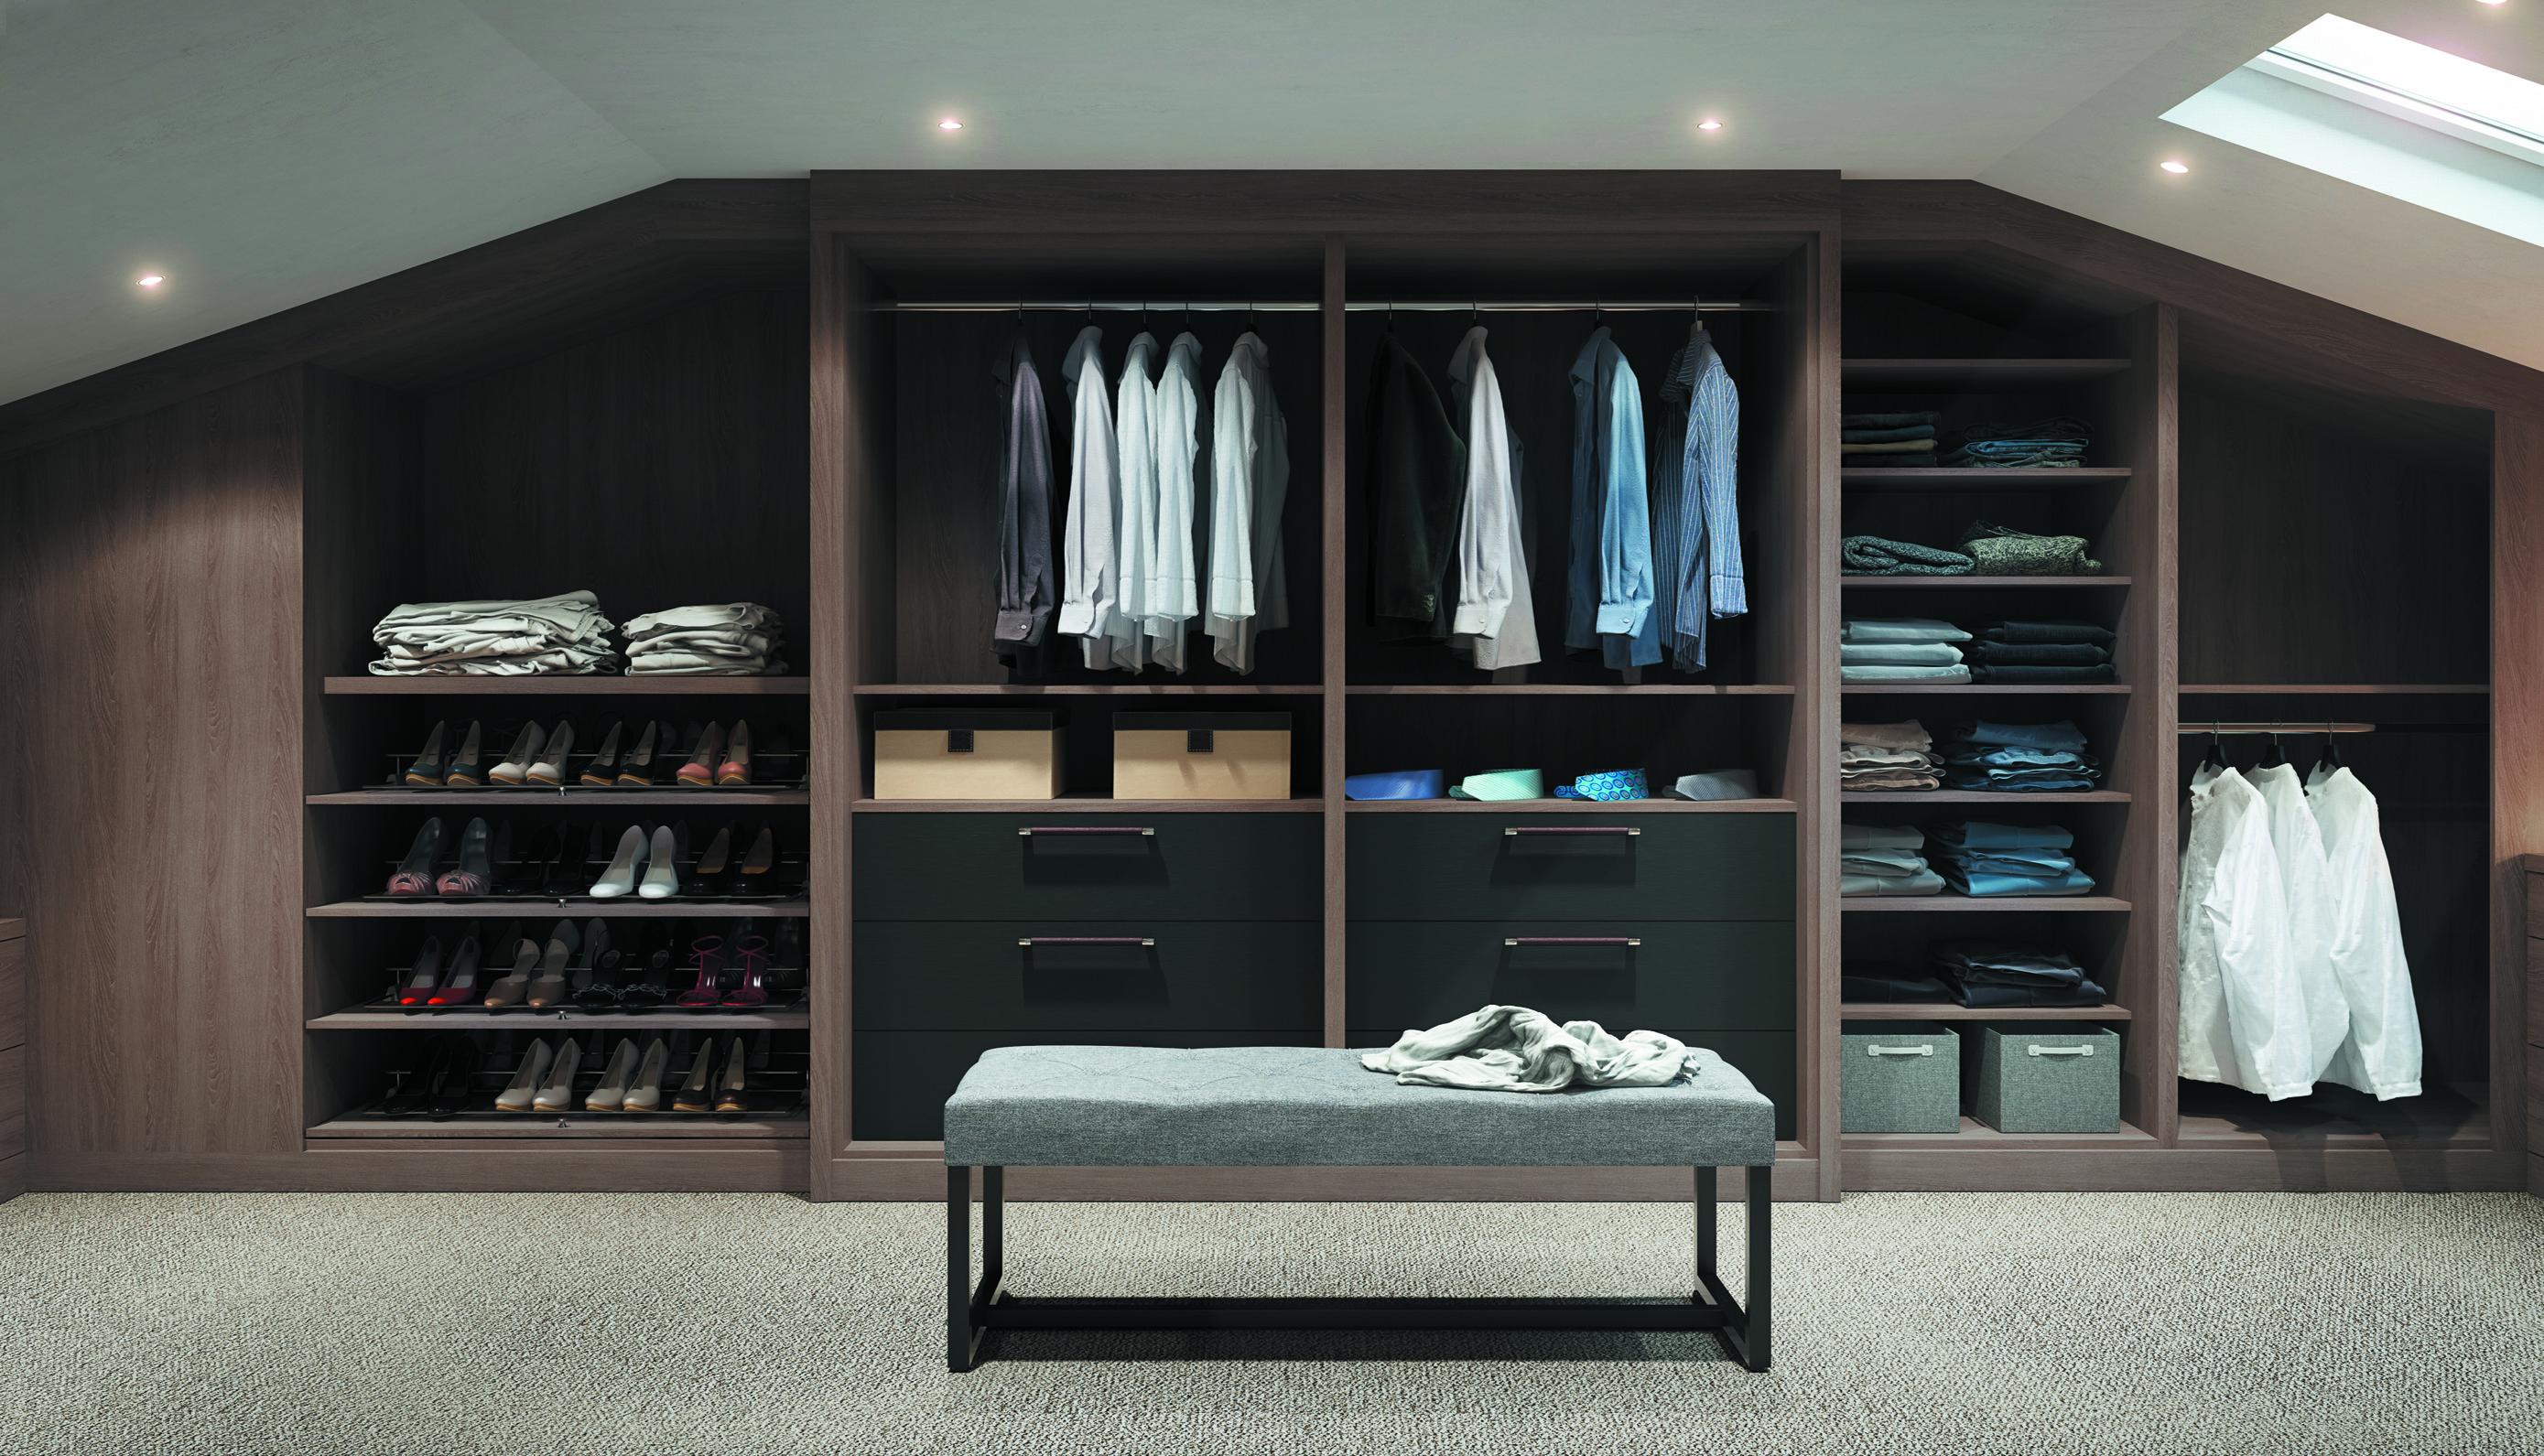 Varenna Grey Oak Bedroom Furniture by Daval – HR (2)